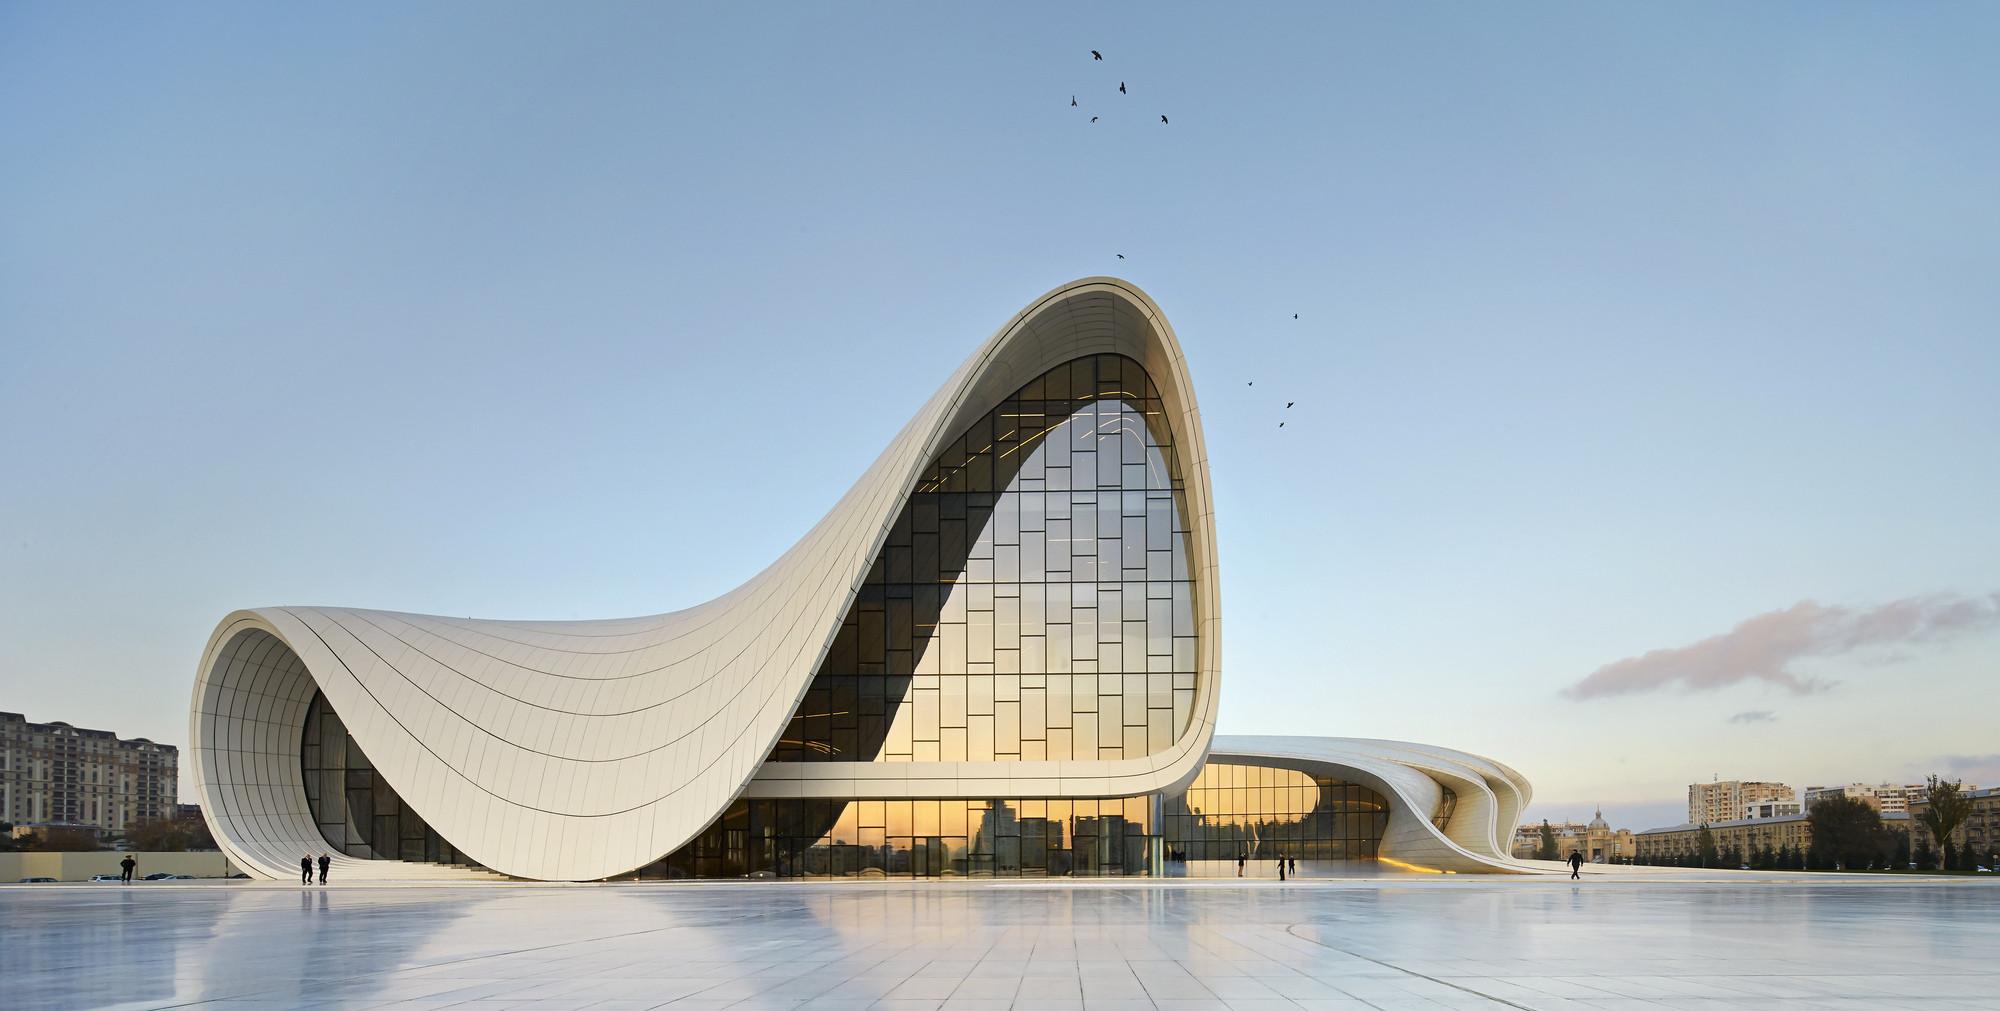 """Patrik Schumacher: """"La denuncia de los íconos arquitectónicos y los star architects es superficial e ignorante"""", Zaha Hadid Architects' Heydar Aliyev Center. Imagen © Hufton + Crow"""